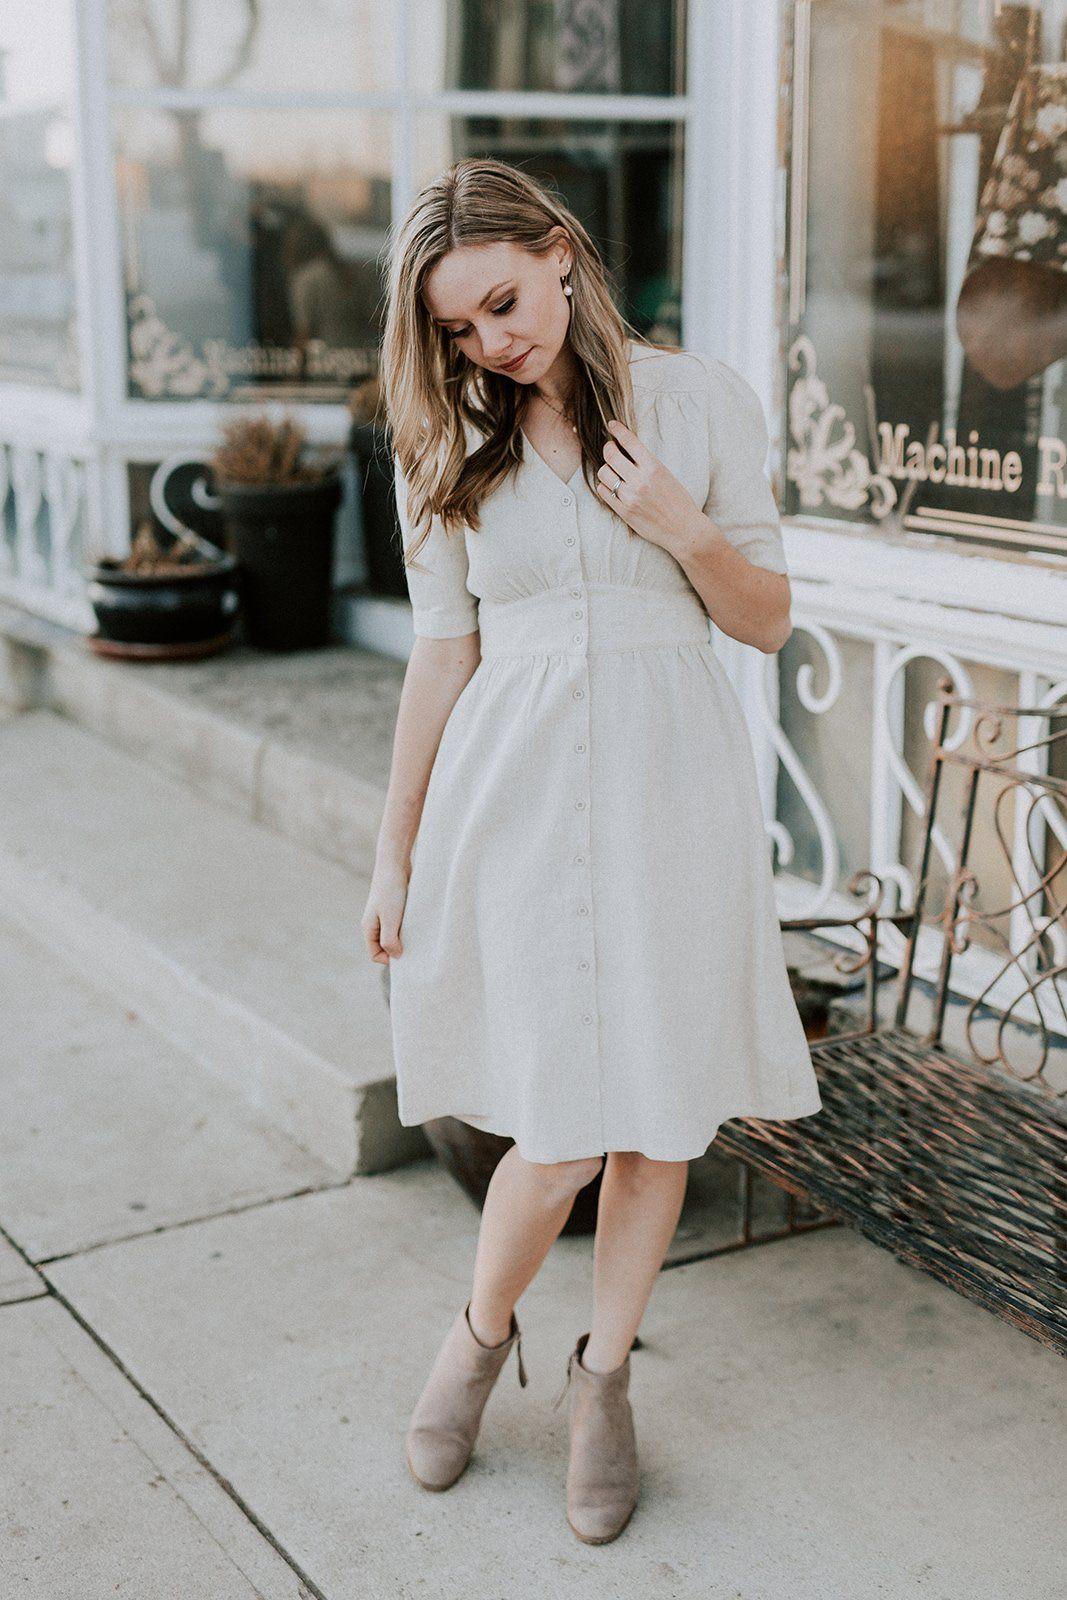 8dc1e13021d23 When In Rome Linen Dress – Ivy + June. When In Rome Linen Dress – Ivy +  June. Nursing friendly dress, breastfeeding friendly. Easter dress, spring  dress, ...